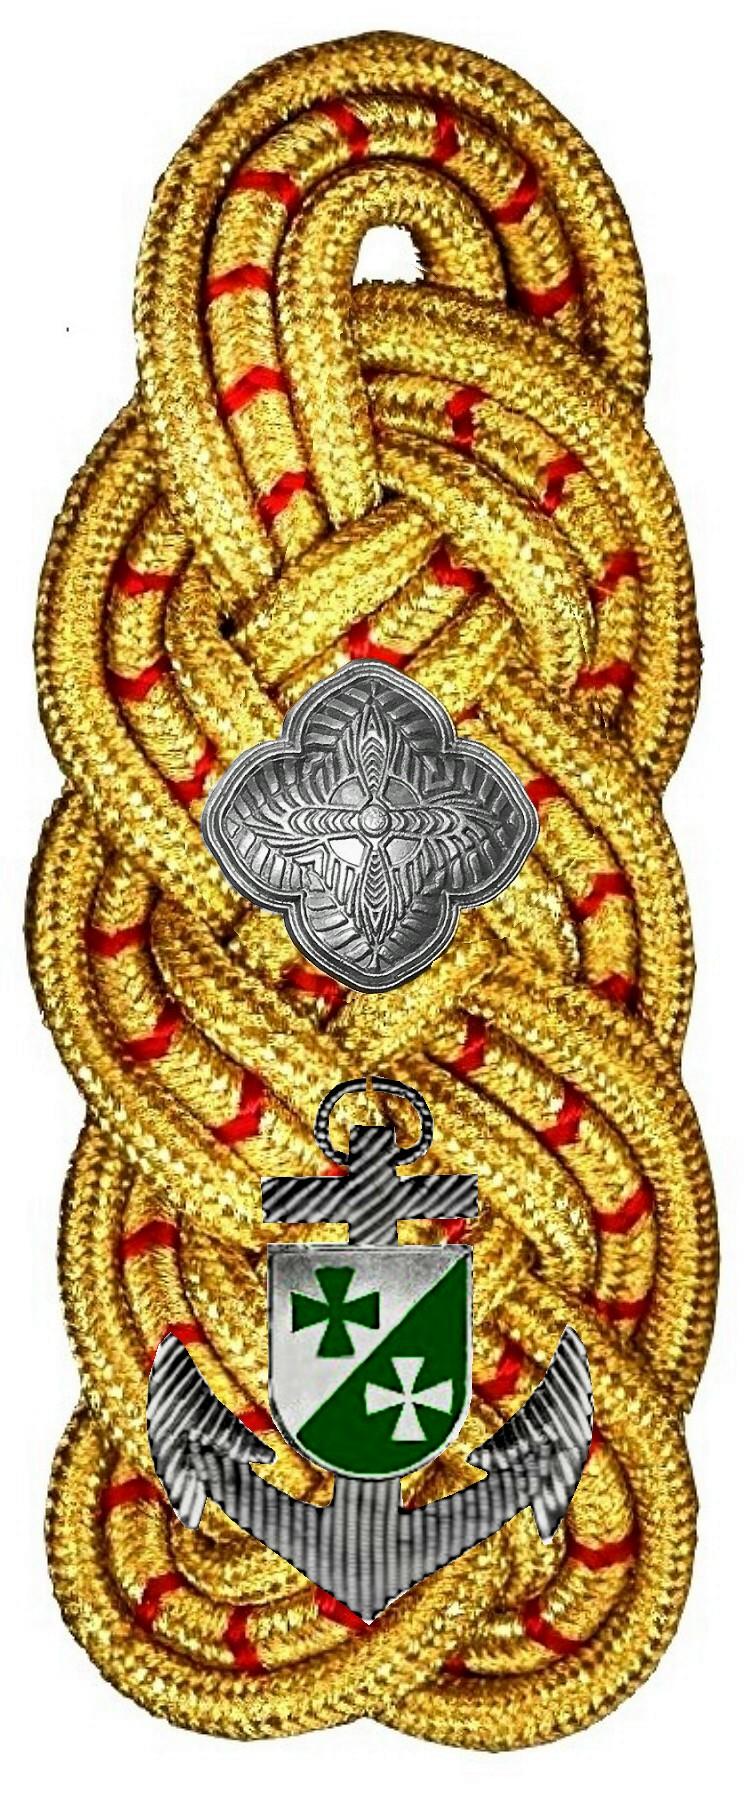 Gala Commodore